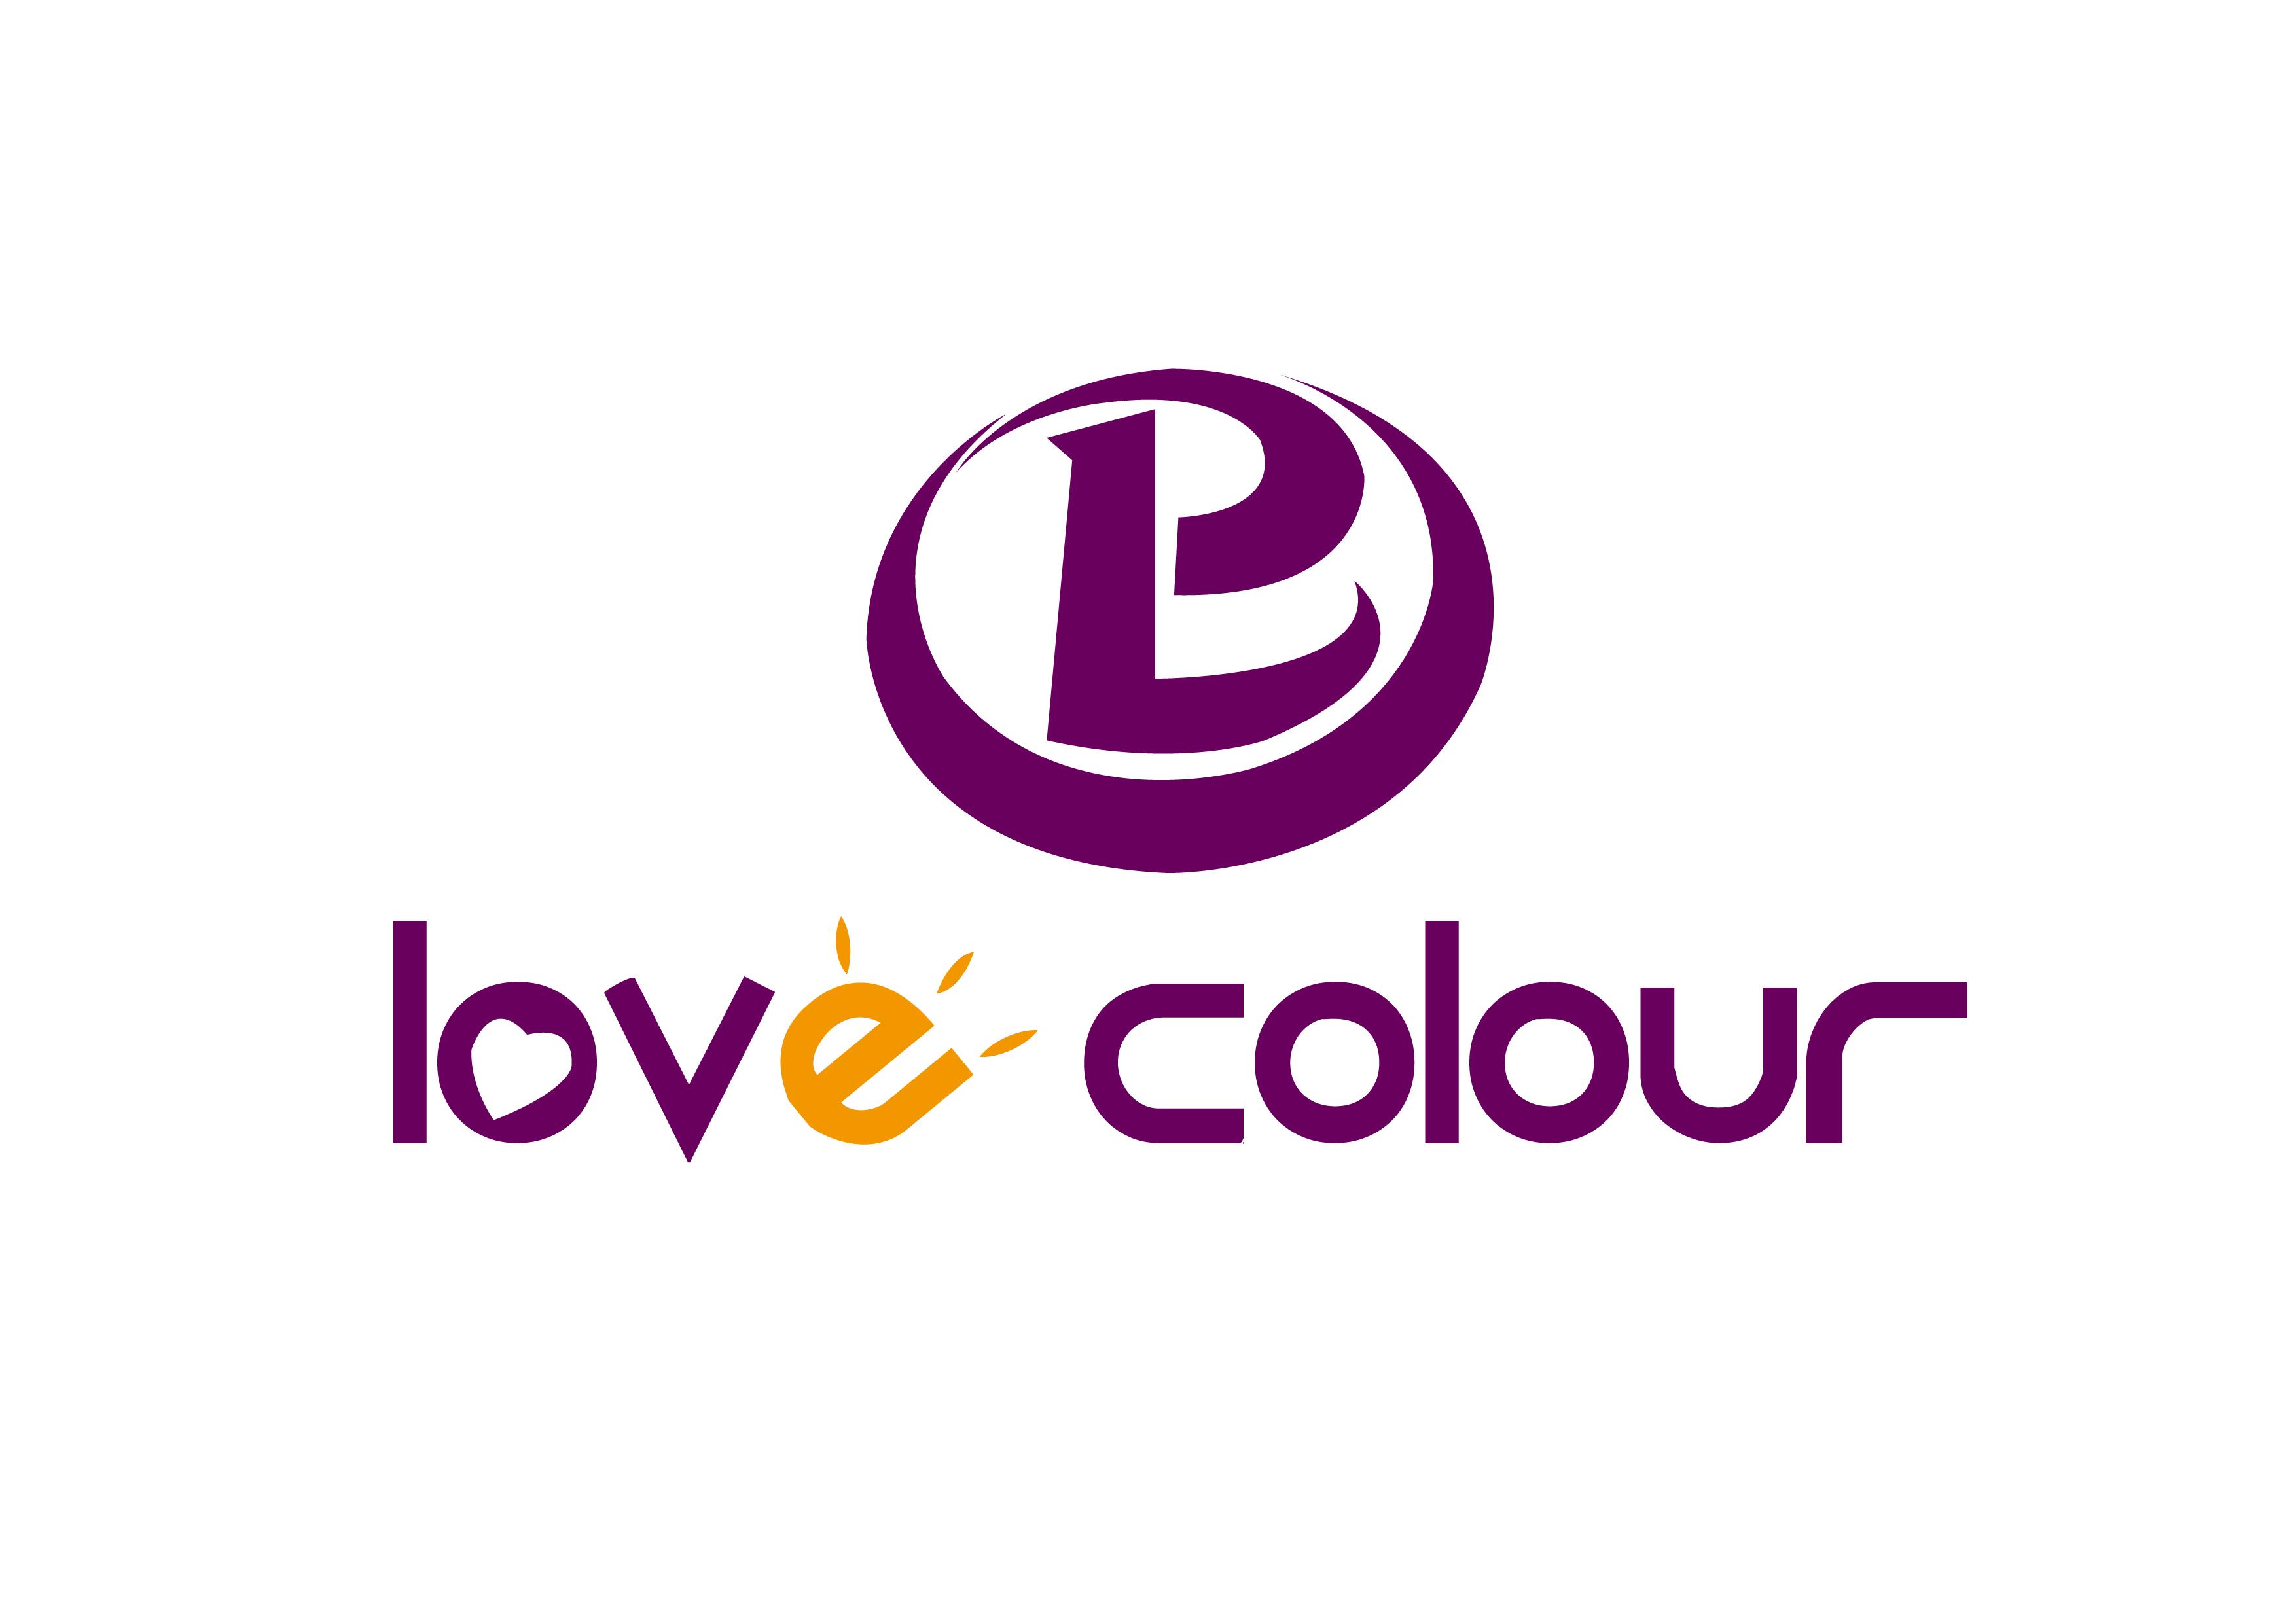 Guangzhou Lovecolour Ribbon & Lanyards Co., Ltd. logo